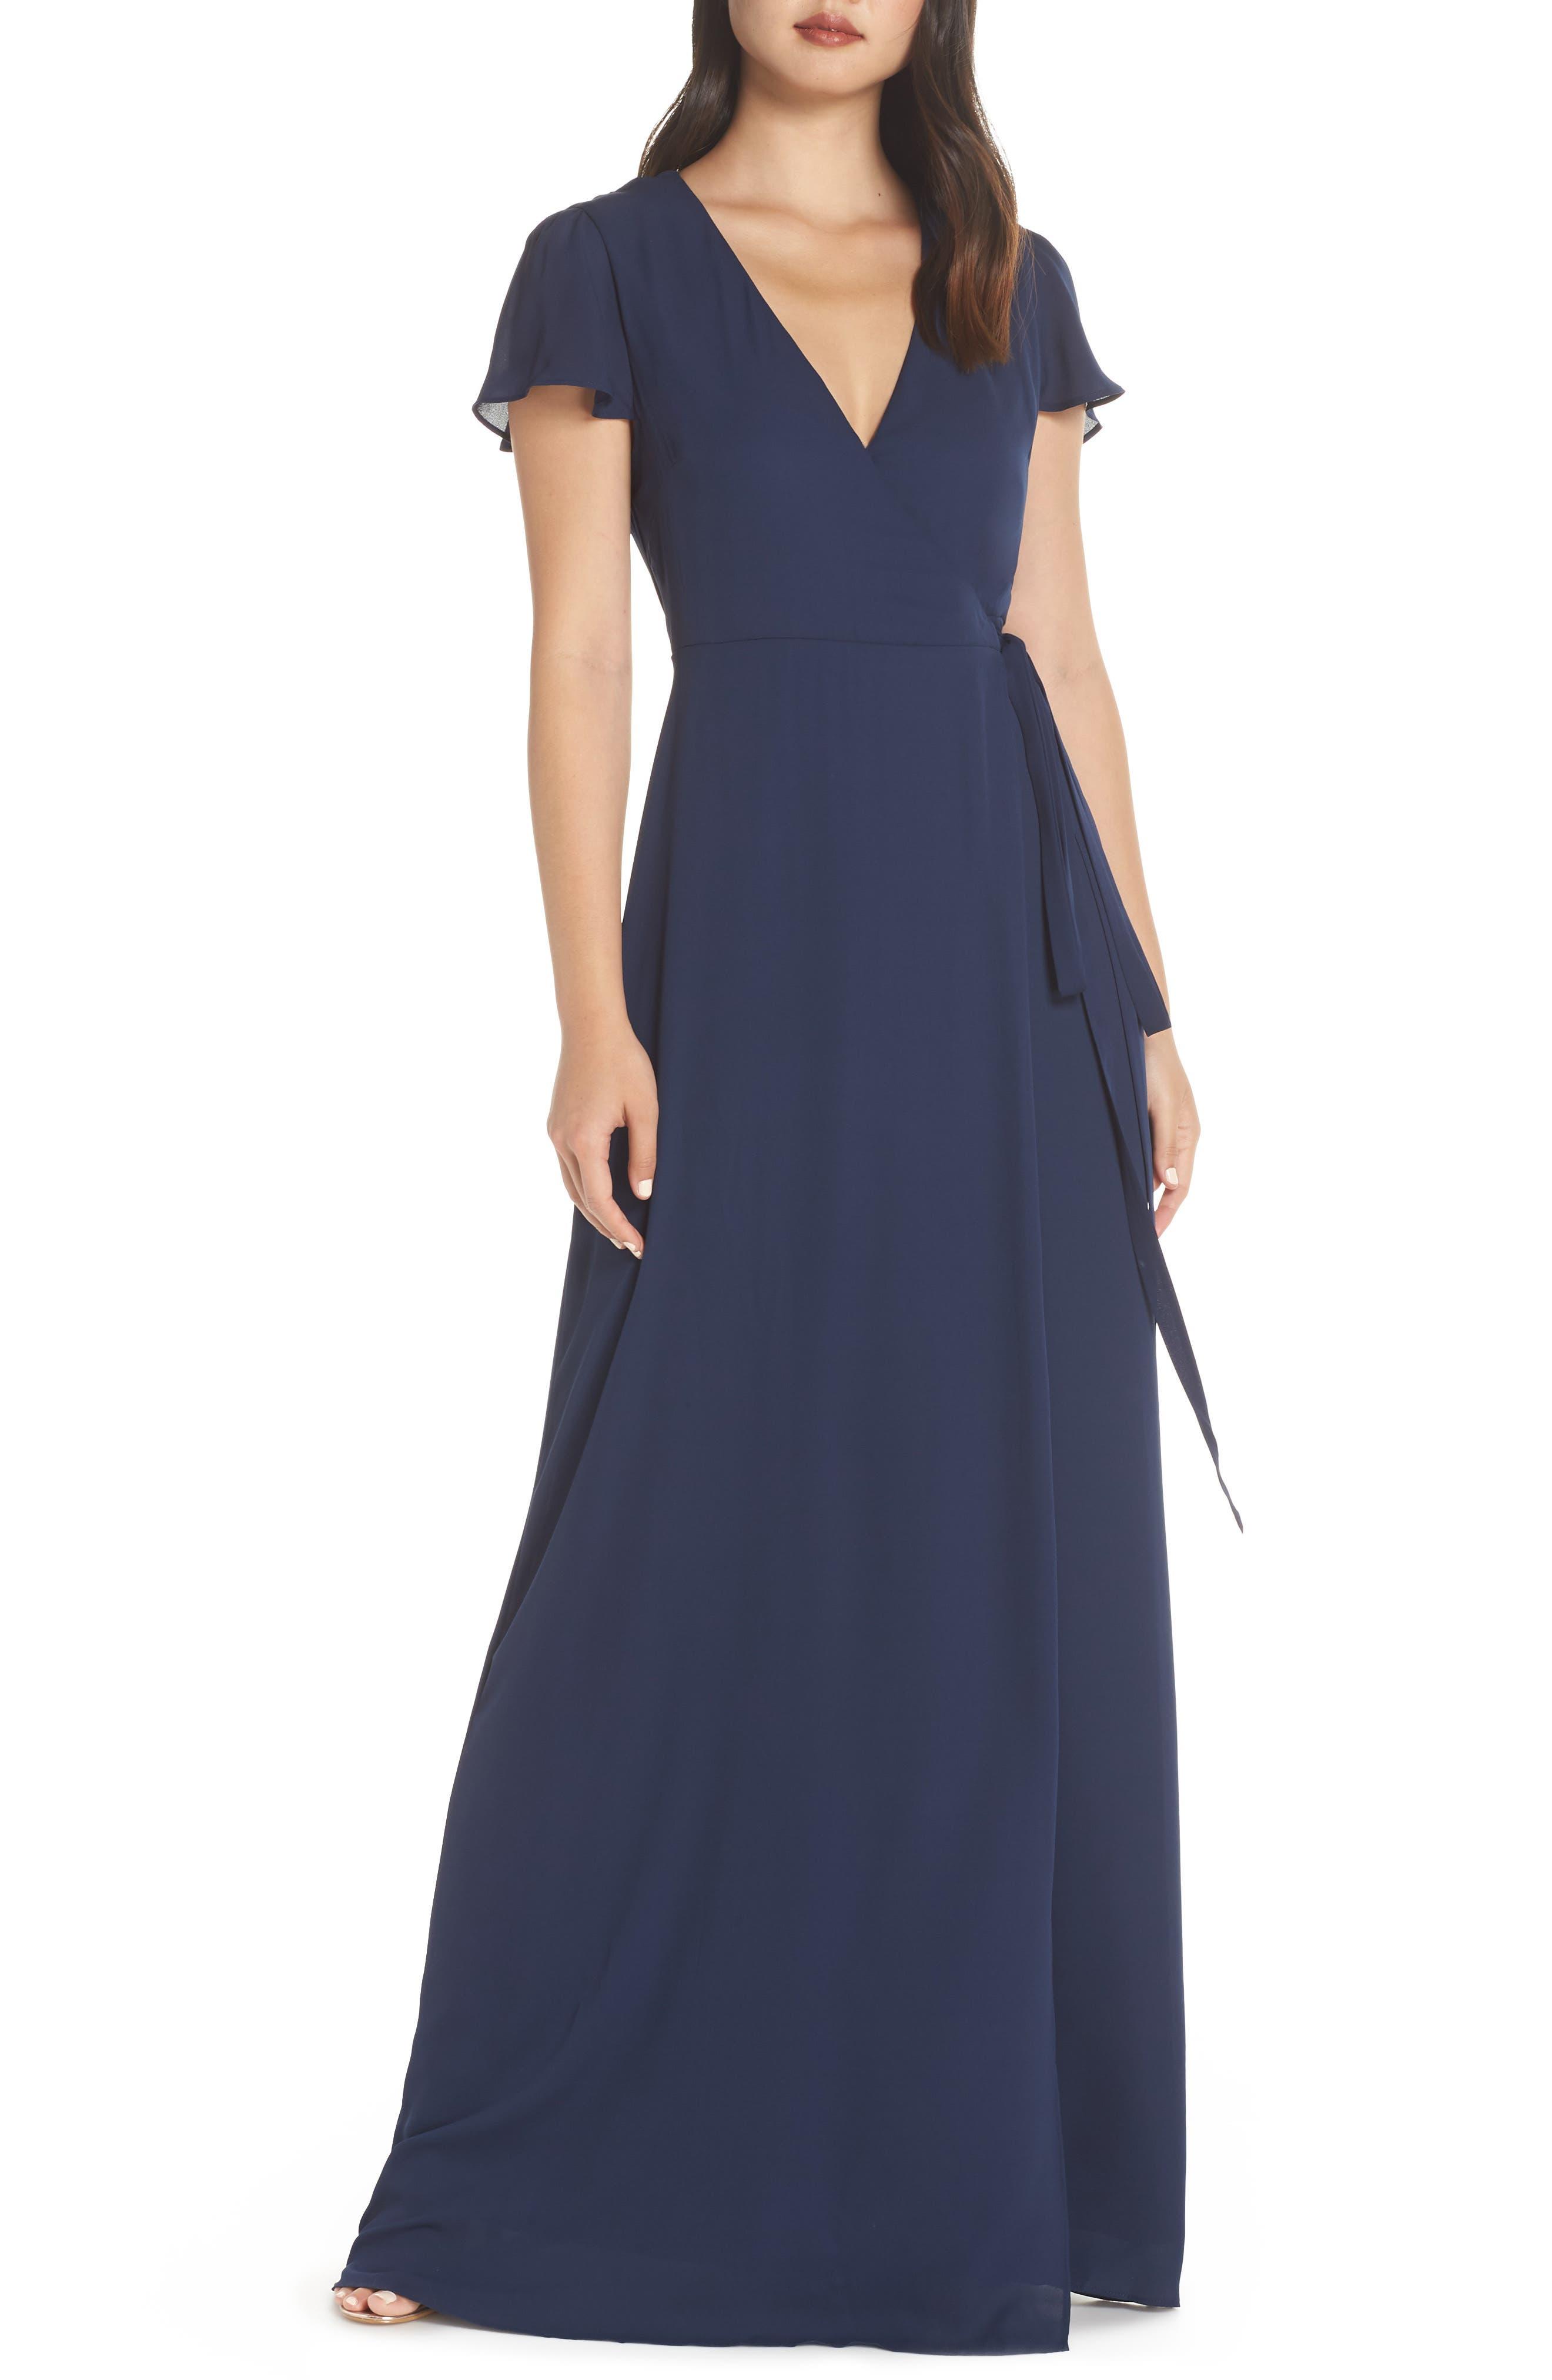 5c968d545ec Women's Short Sleeve Formal Dresses | Nordstrom